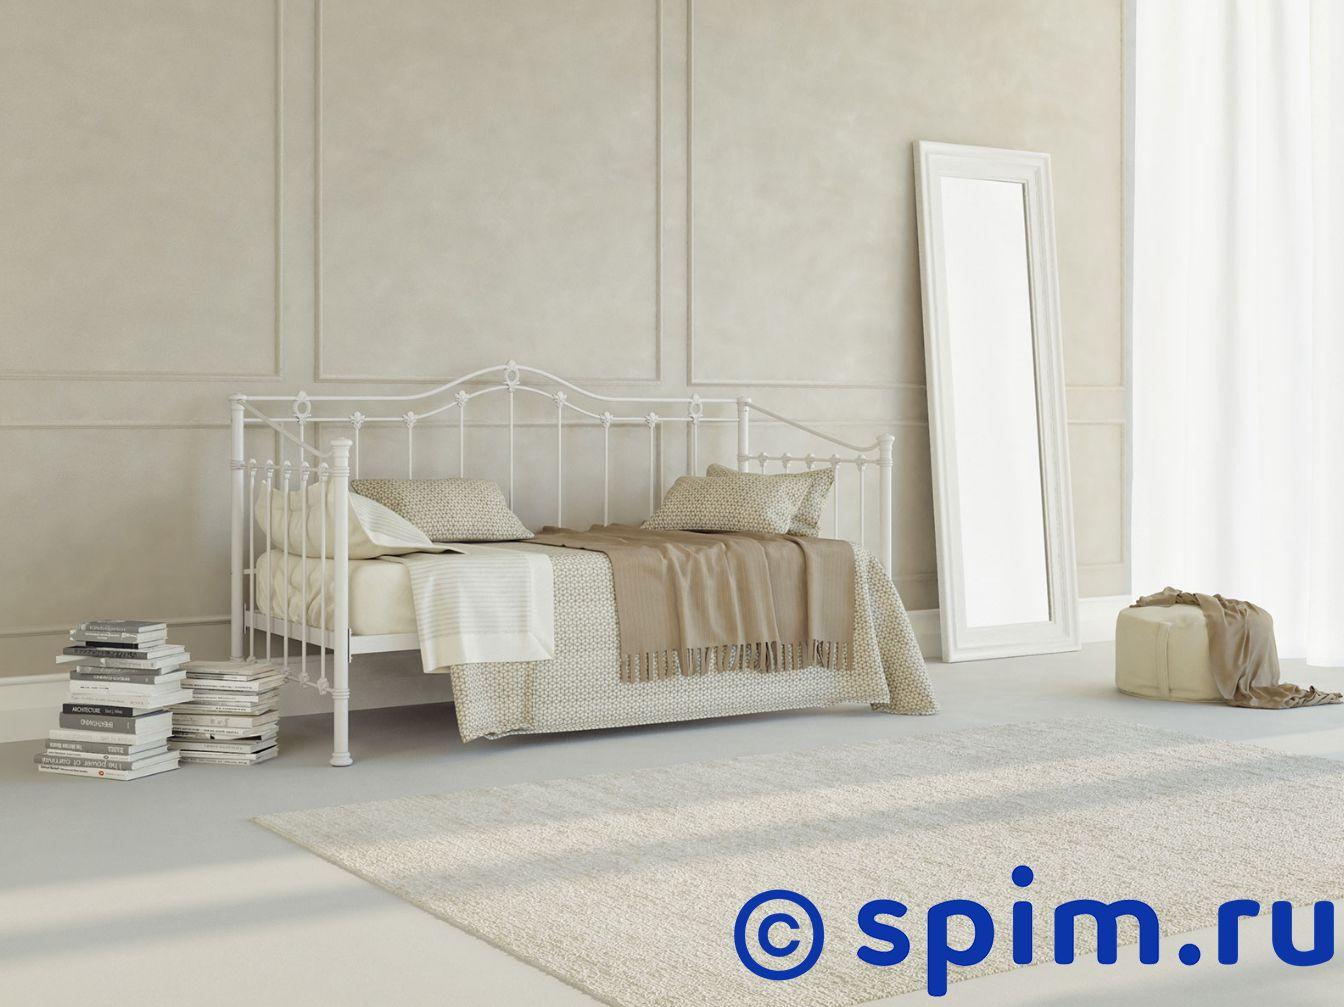 Кровать-диван Originals by Dreamline Kari 90х200 см kari кеды